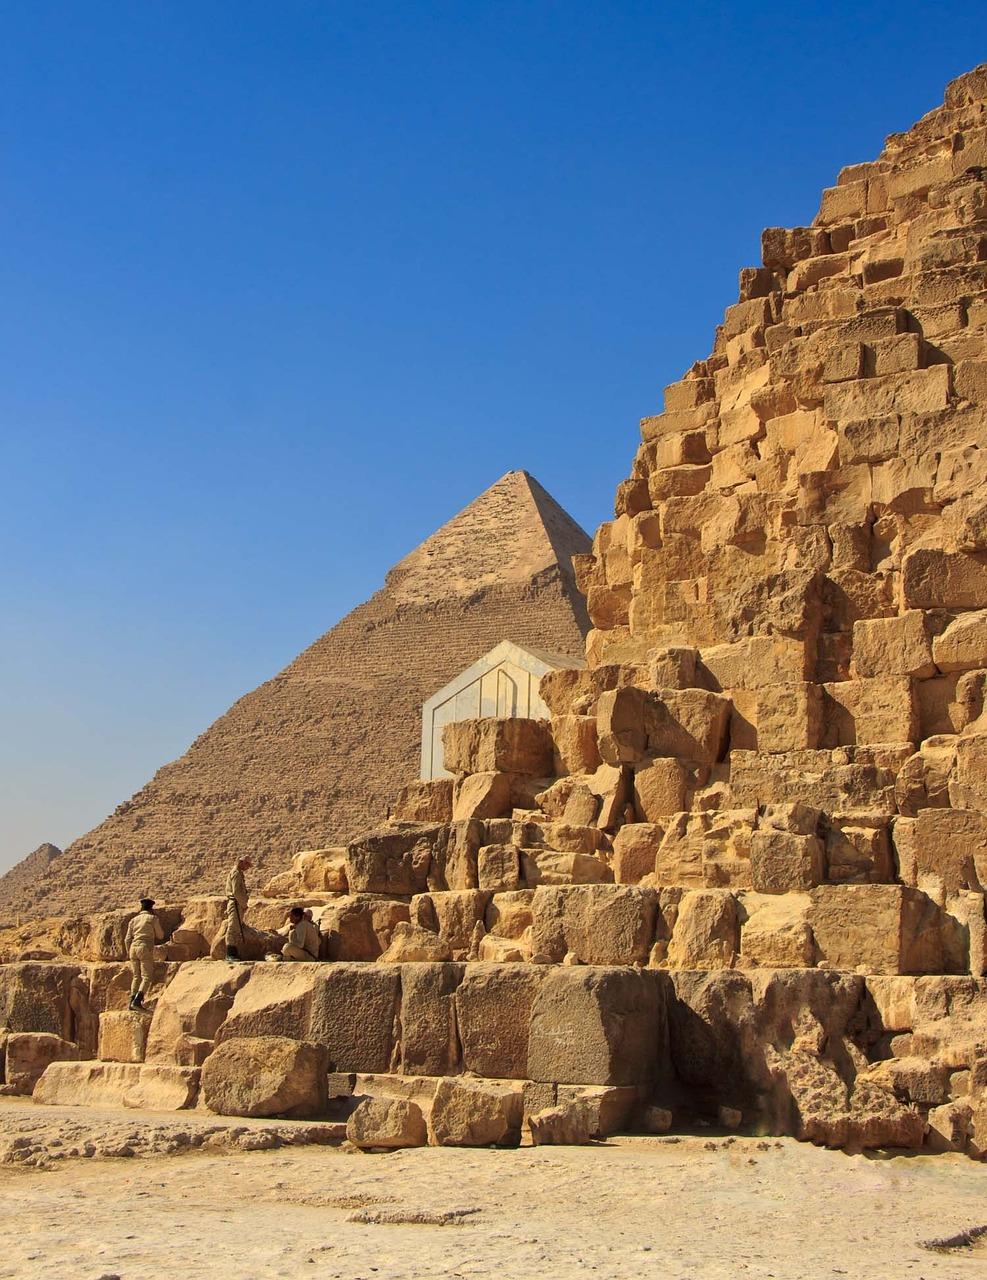 так древний египет пирамиды картинка фото характеристикам возможность сравнения